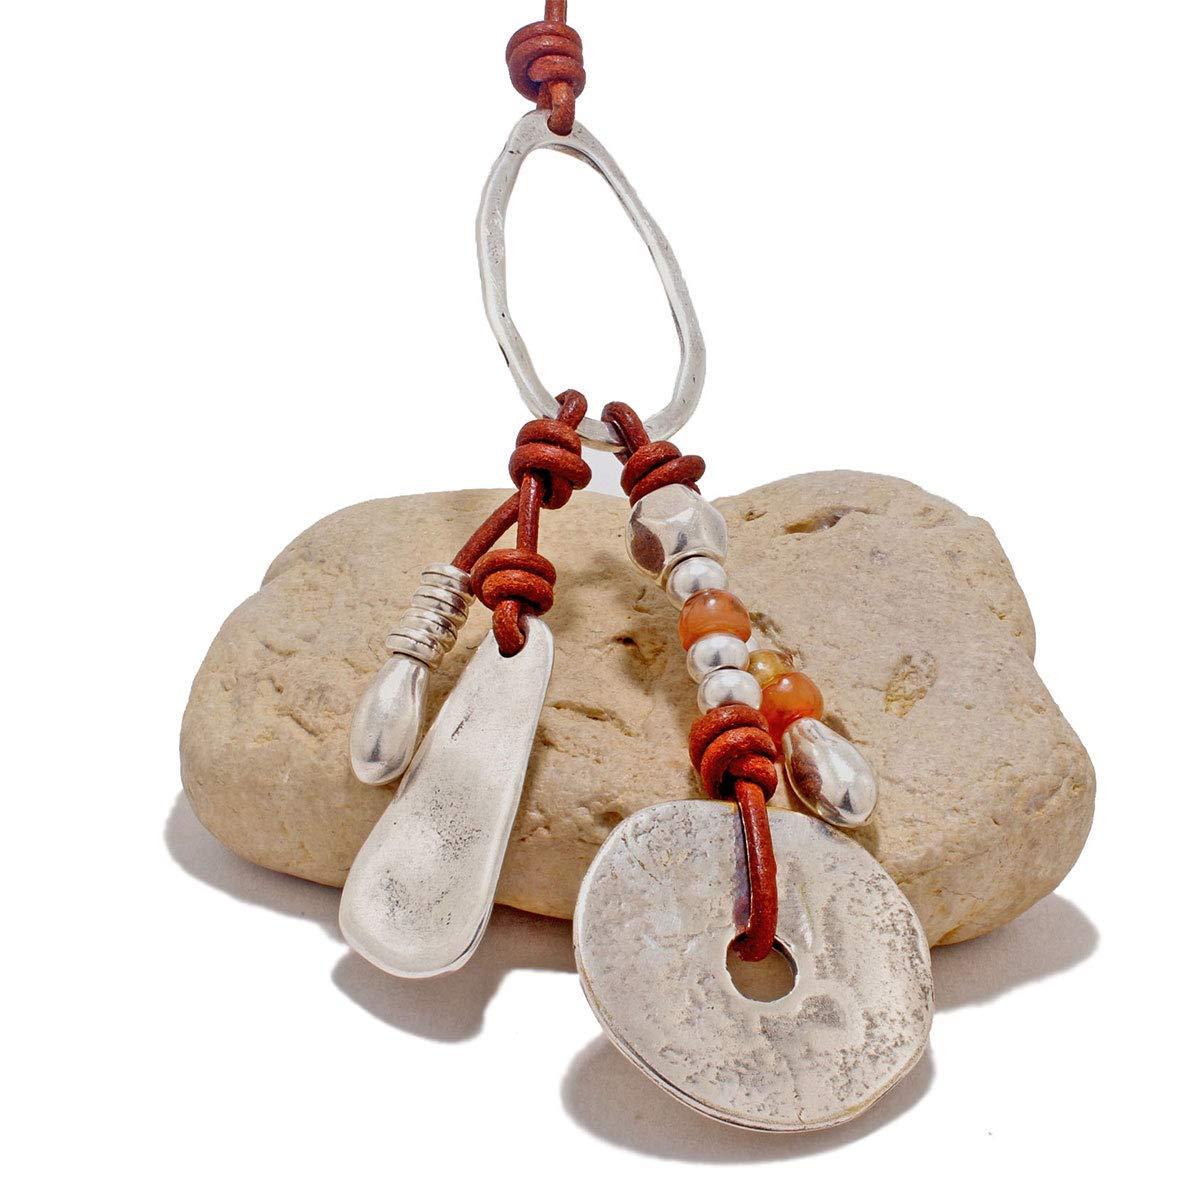 Collar largo hecho a mano de cuero, abalorios de zamak y resinas por Intendenciajewels - Collar largo mujer - Collar de cuero y zamak - Joyeria artesanal